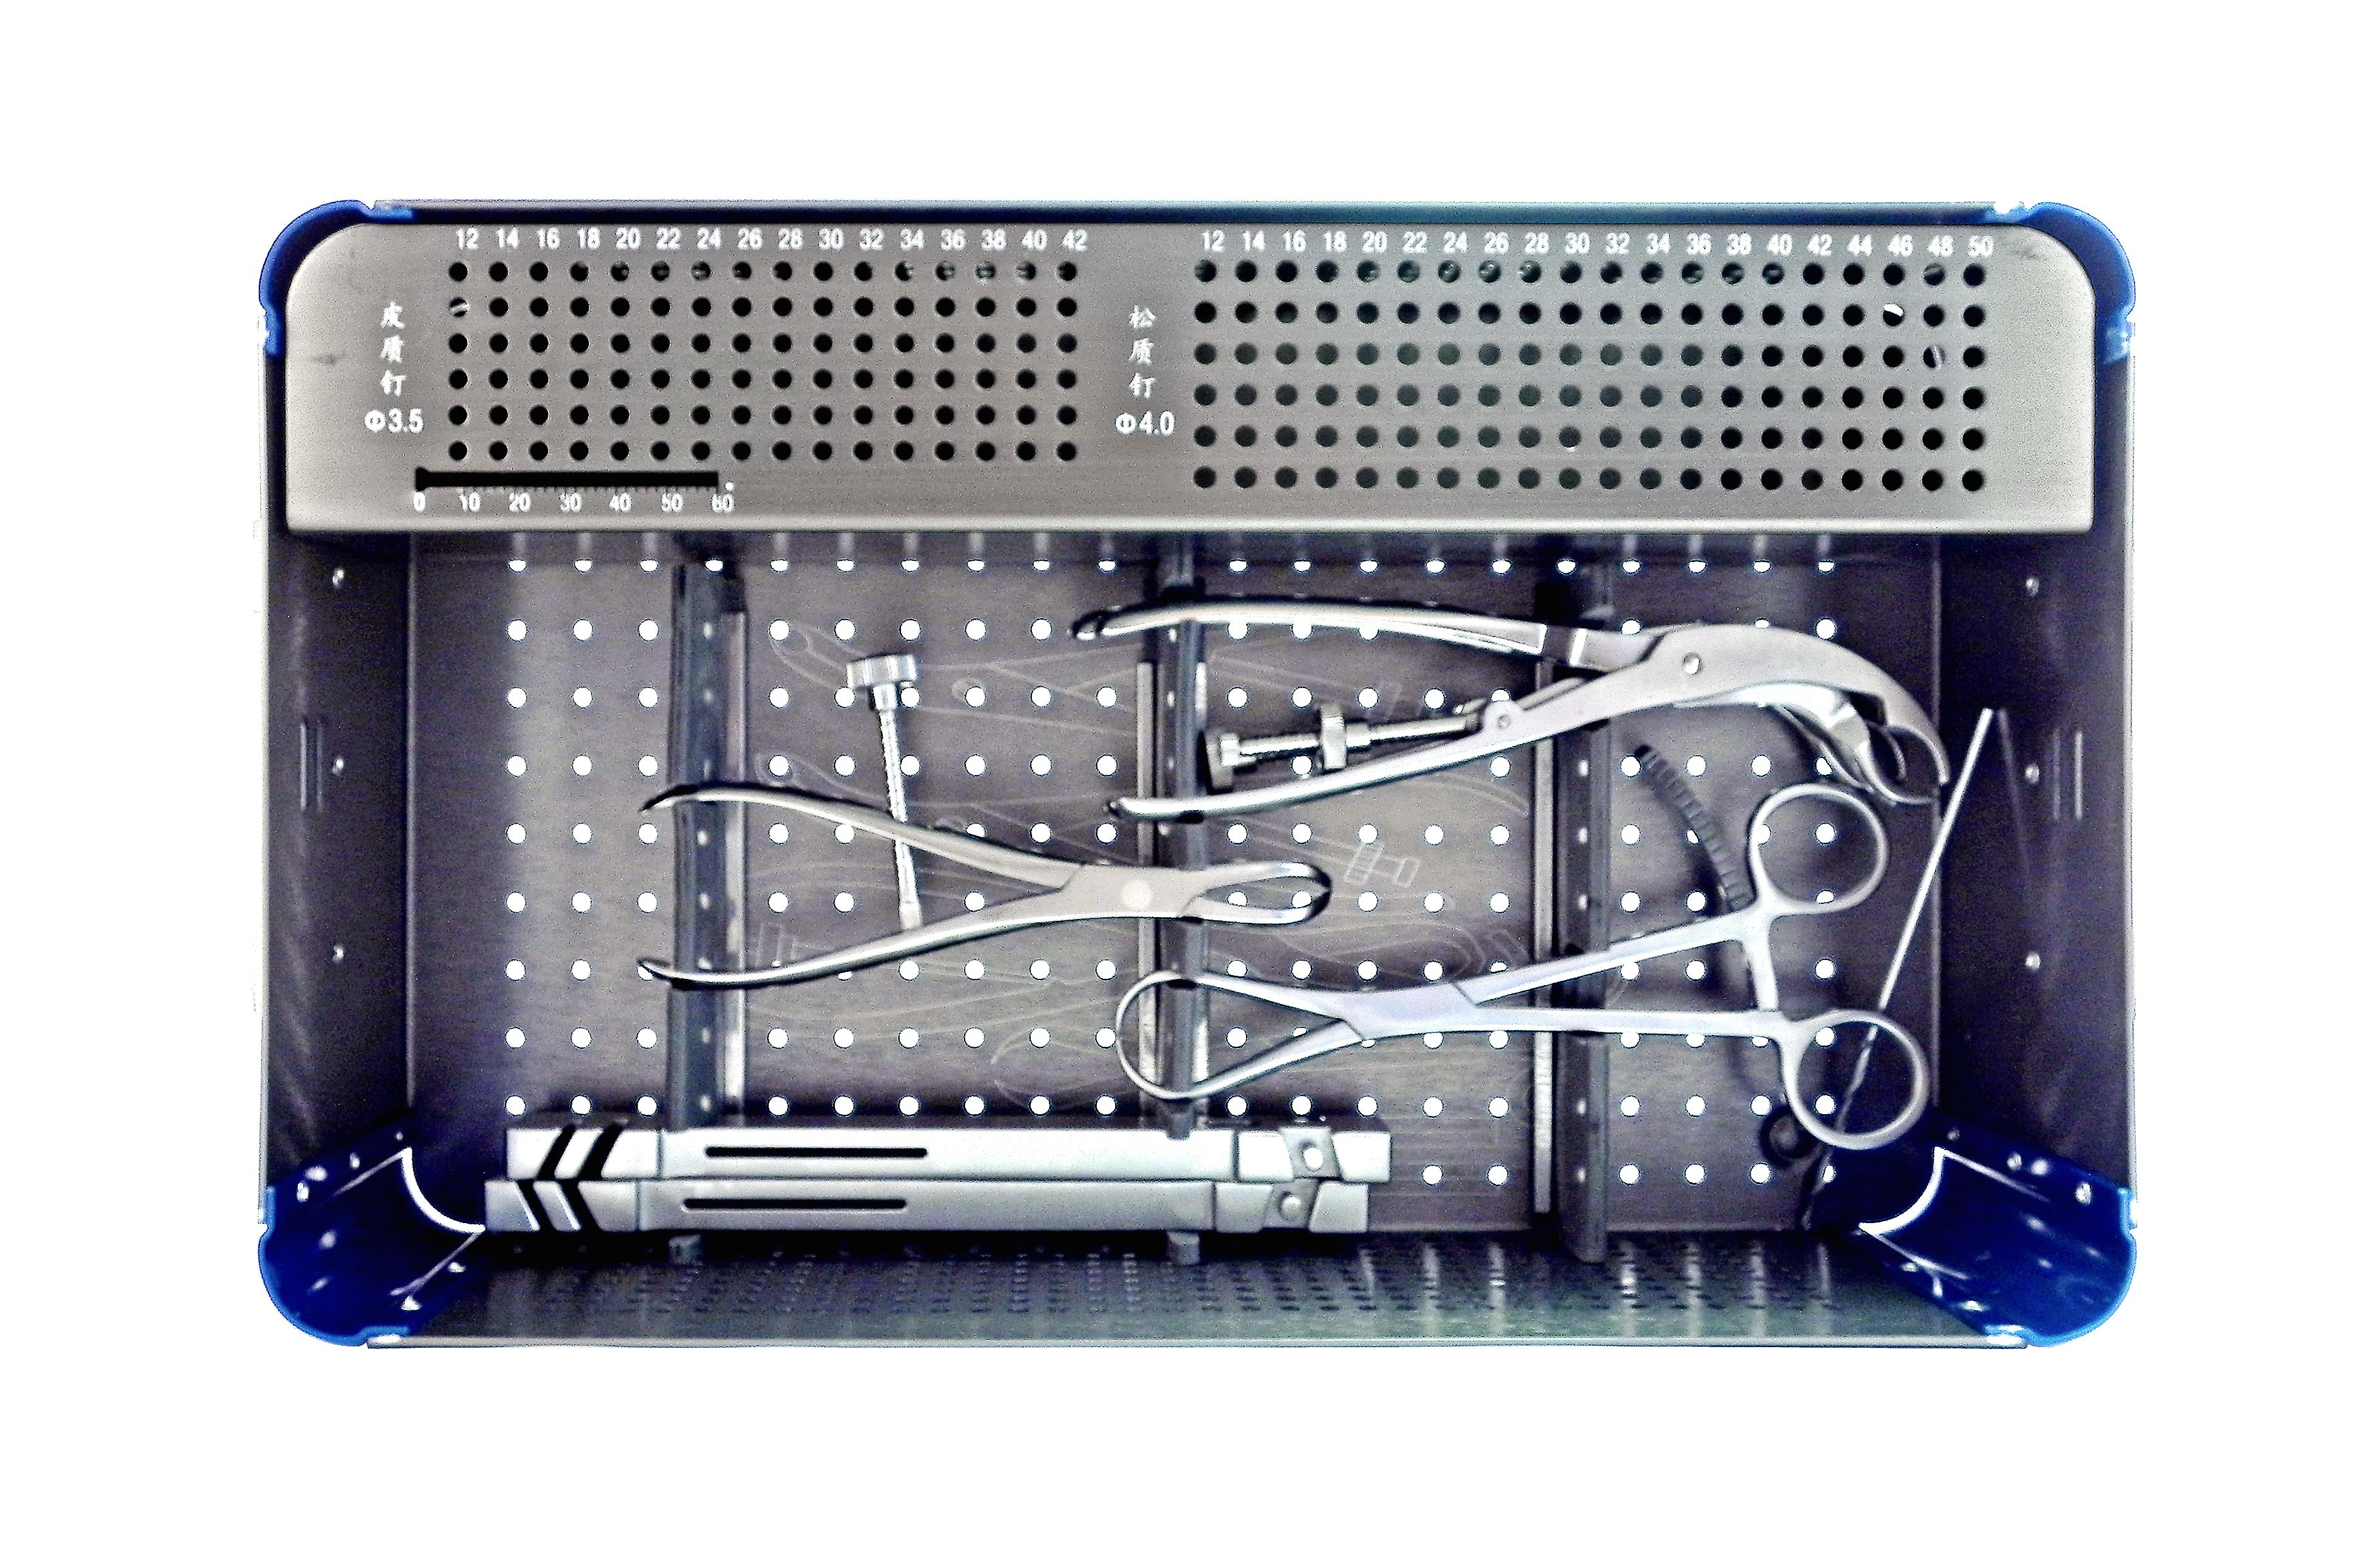 Abc implant life instrumental e implantes m dicos para for W de porter ortopedia